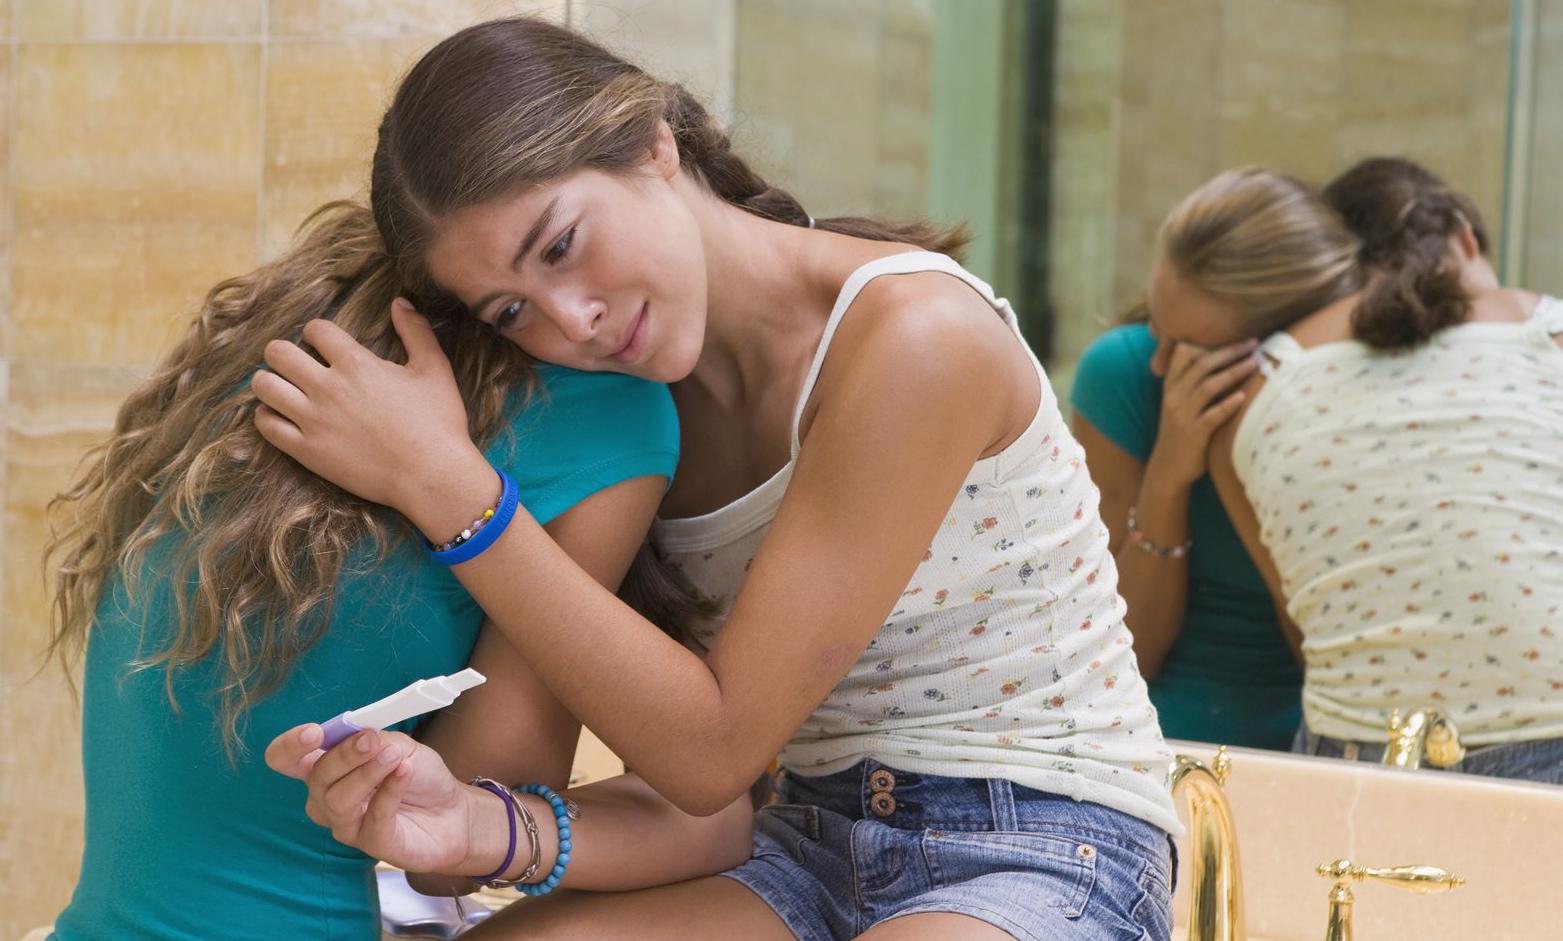 Смотреть бесплатно трахнул юную девочку 9 фотография